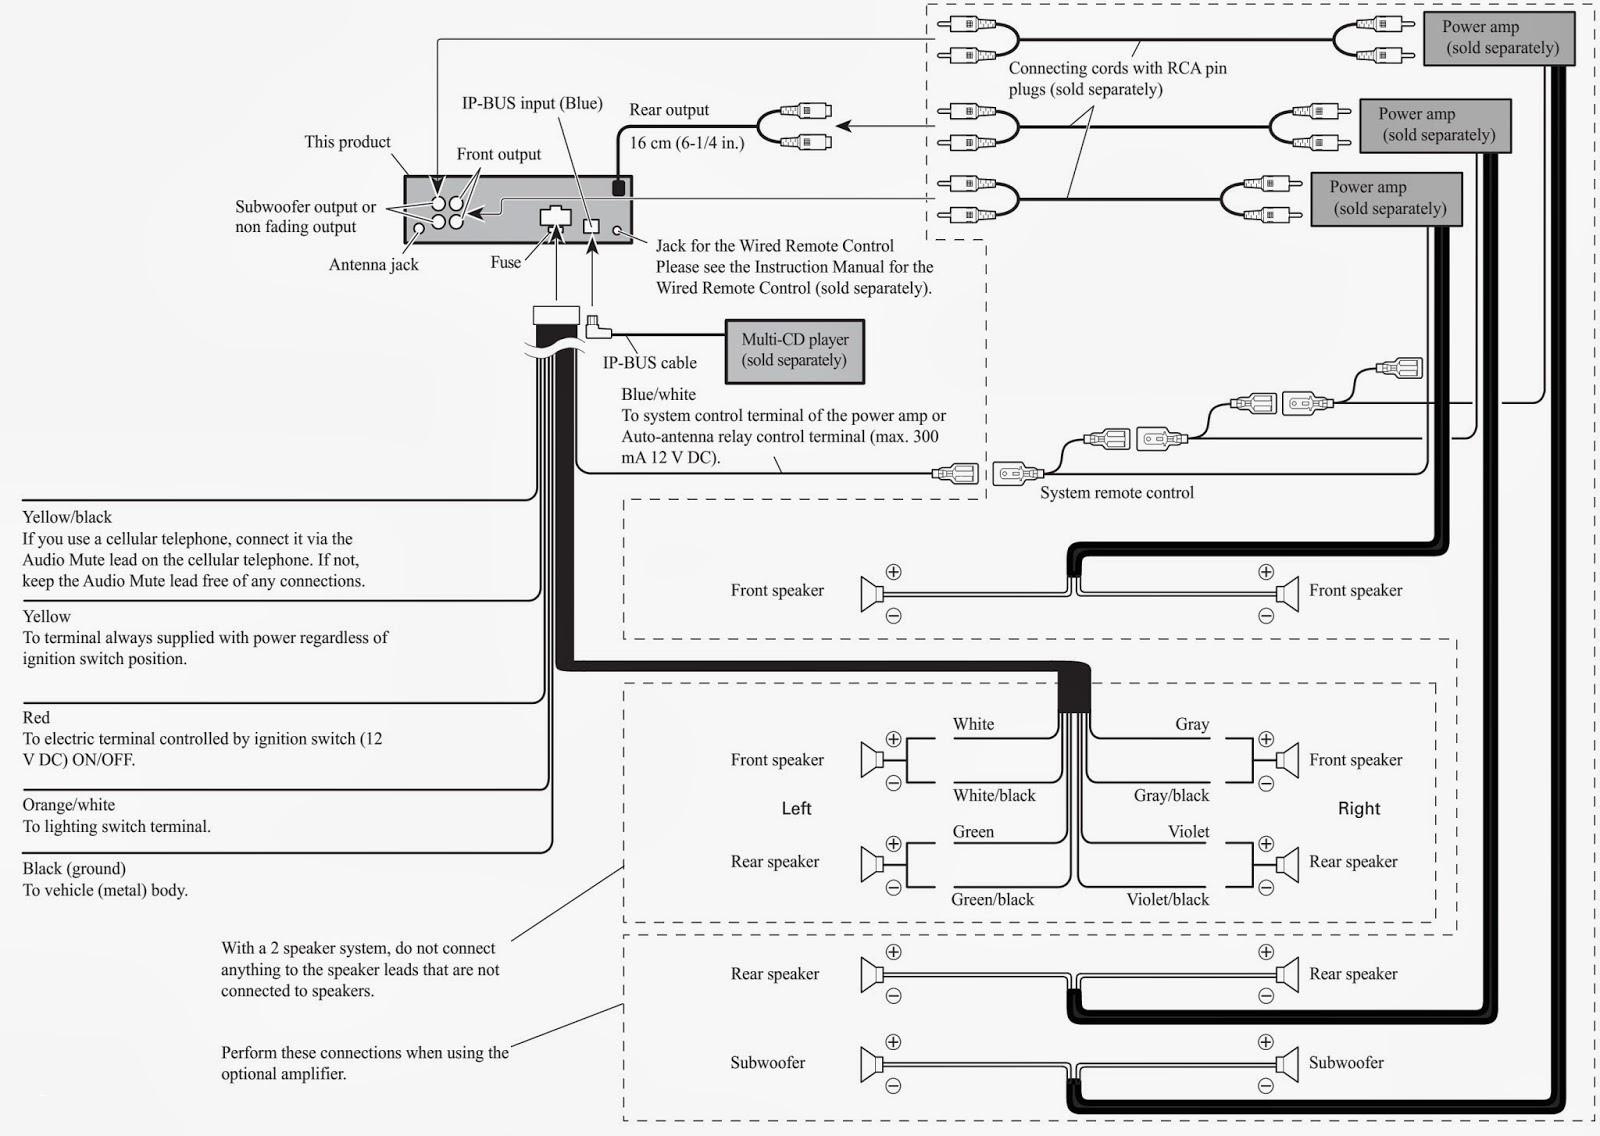 Pioneer Avh 270bt Wiring Diagram | Wiring Diagram Image on